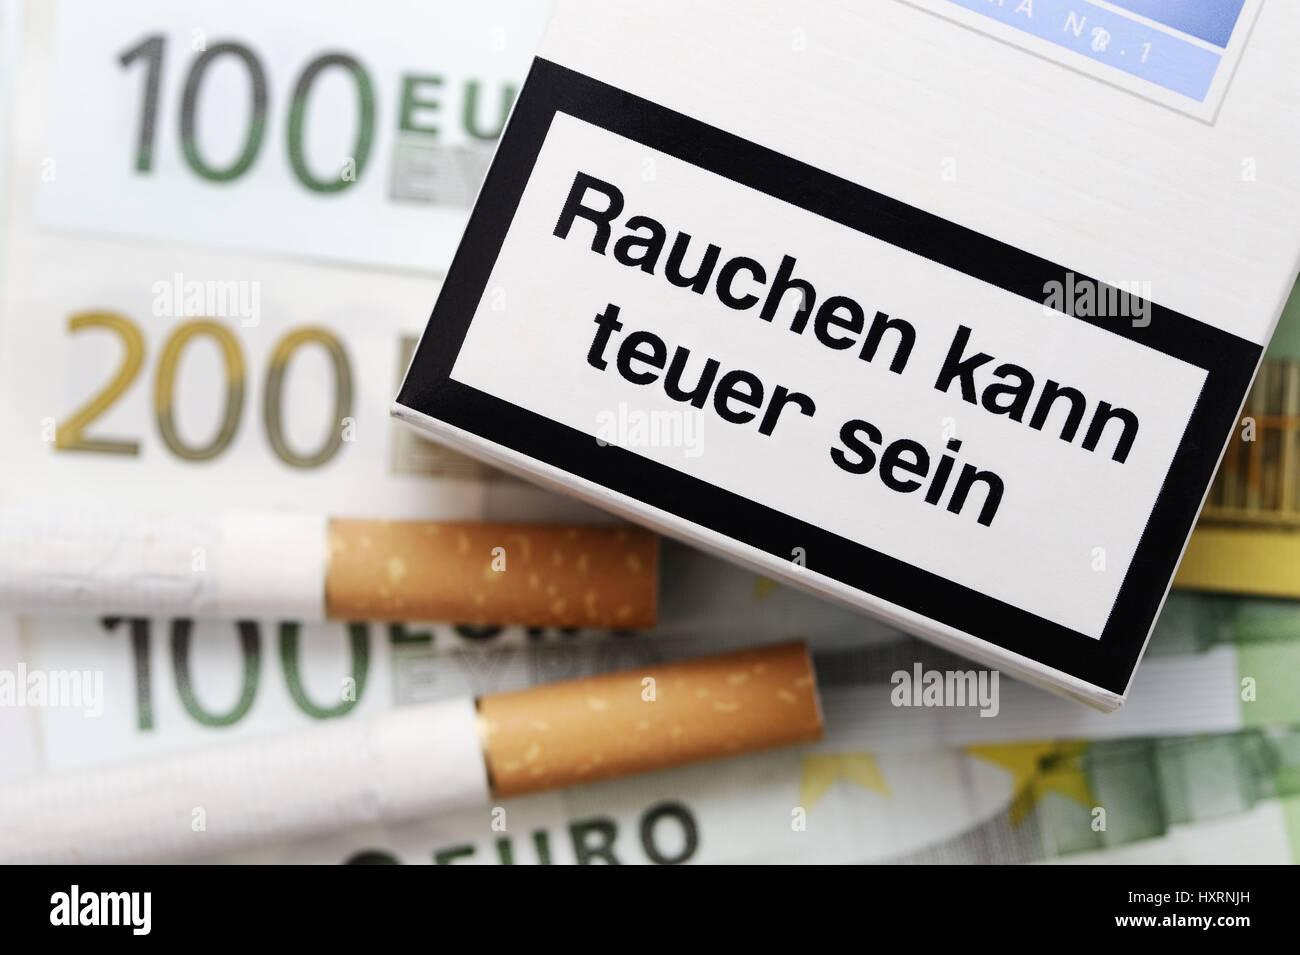 Cheap cigarettes R1 in USA